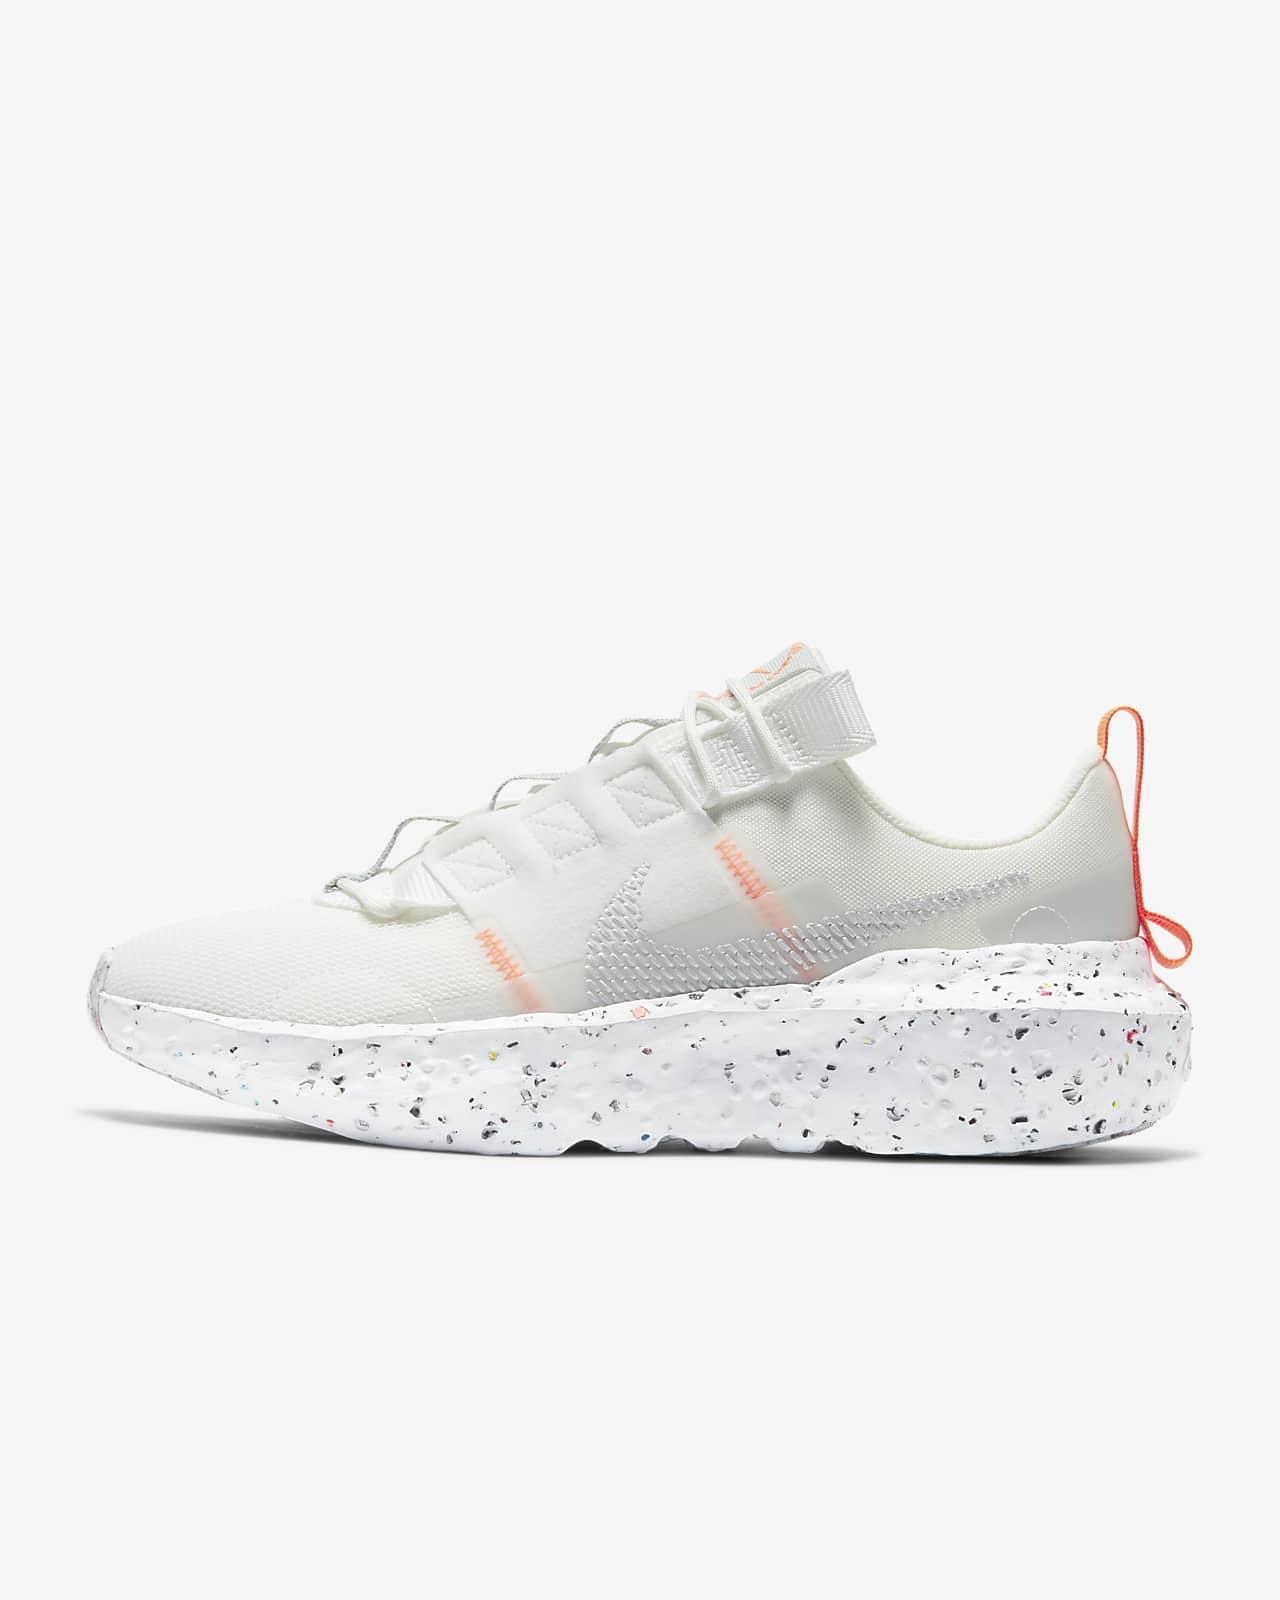 Nike Crater Impact Kadın Ayakkabısı